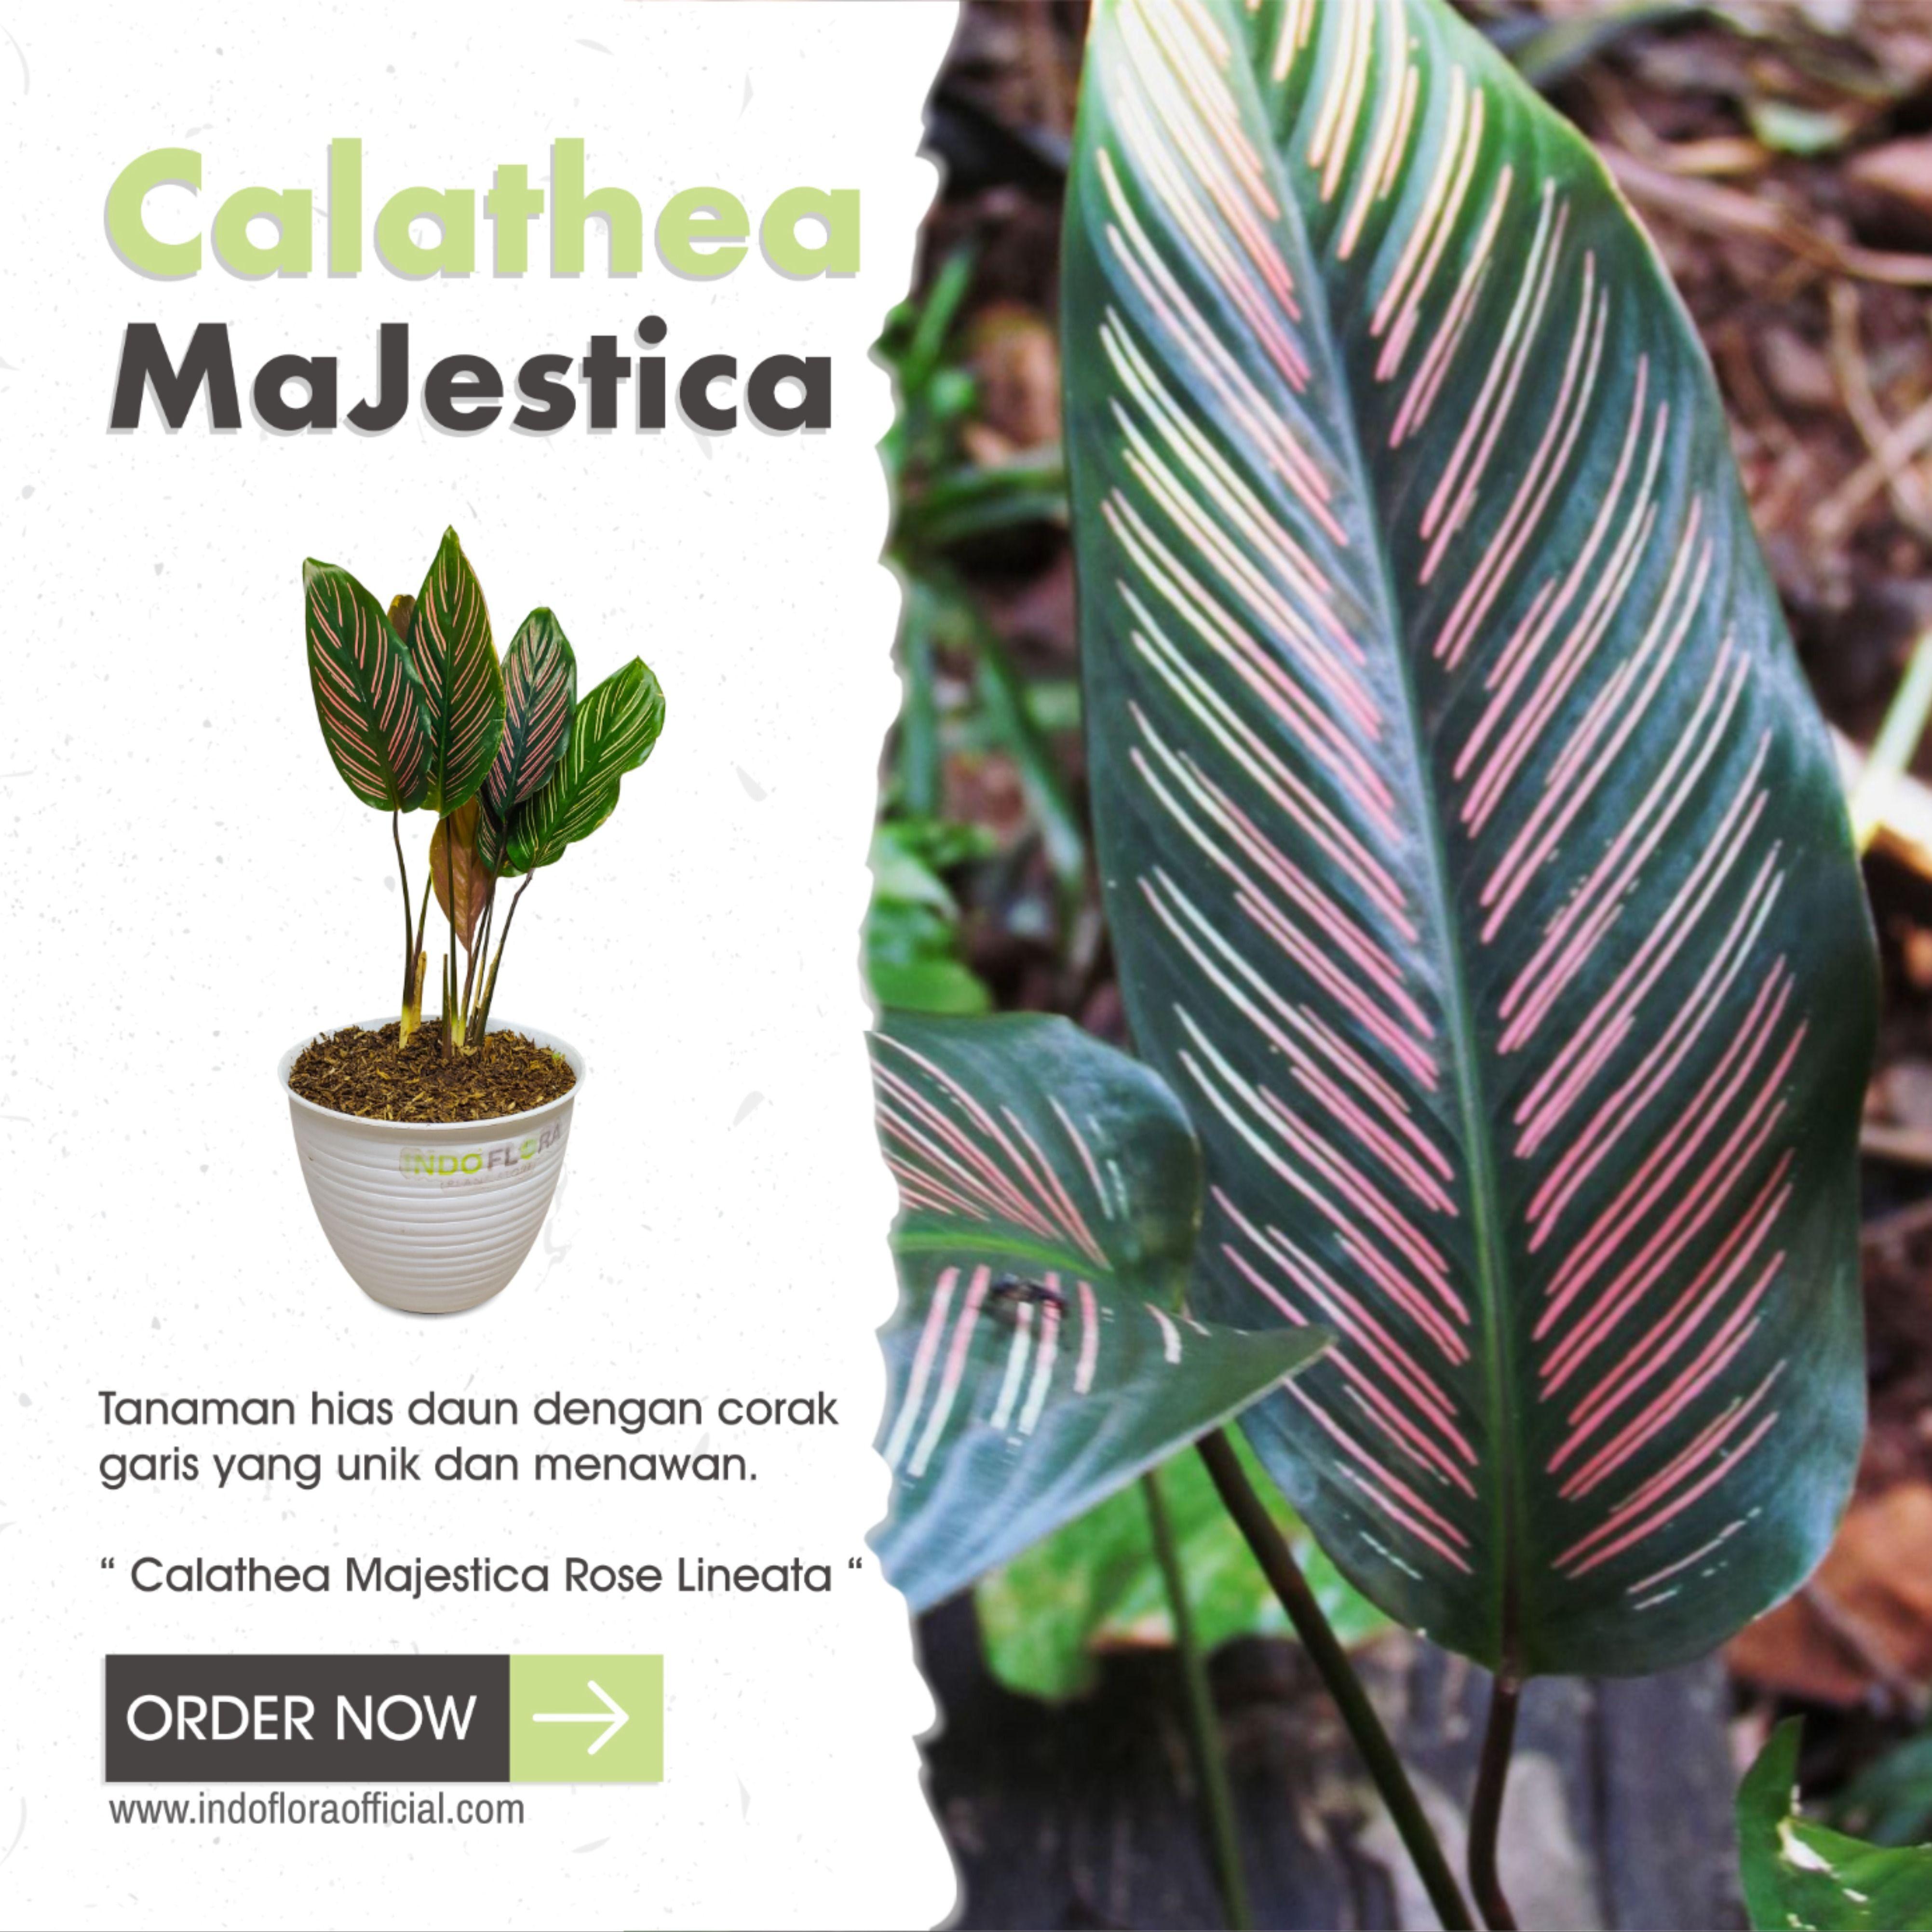 Calathea Majestica Calathea Calathea Majestica Plant Leaves